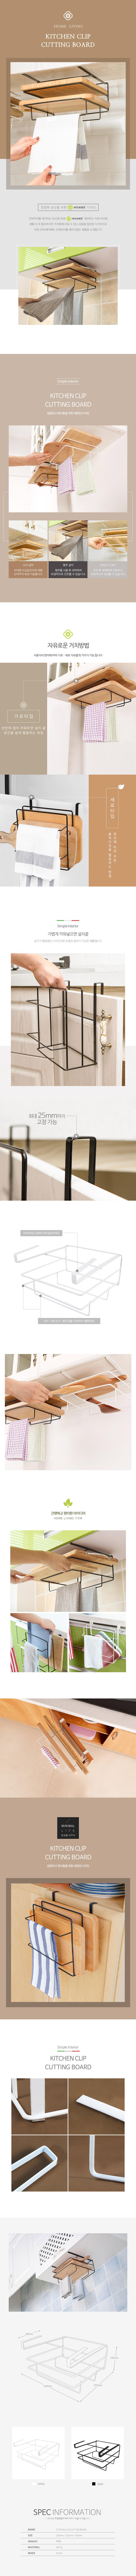 주방 공간활용 도마행주보관 클립형 3단 행거 건조대 - 히키스, 5,200원, 주방수납용품, 진열 보관대